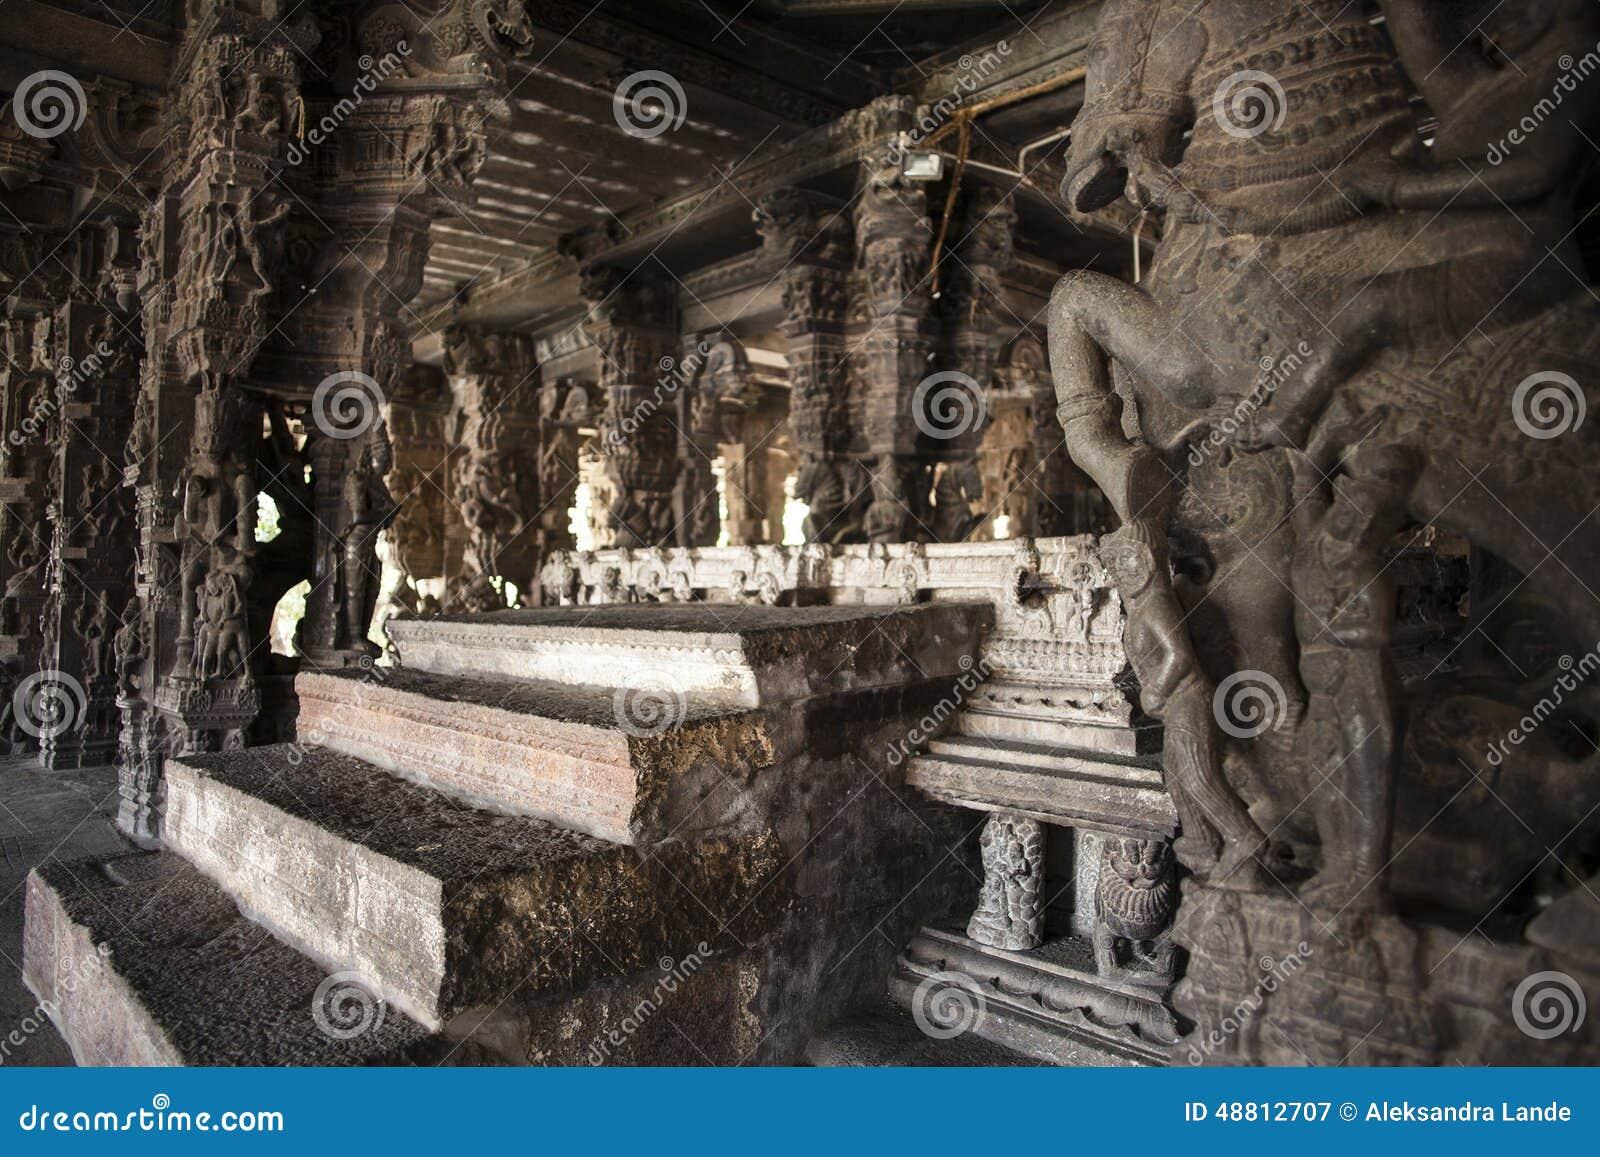 Ancient stone carvings in varadaraja temple